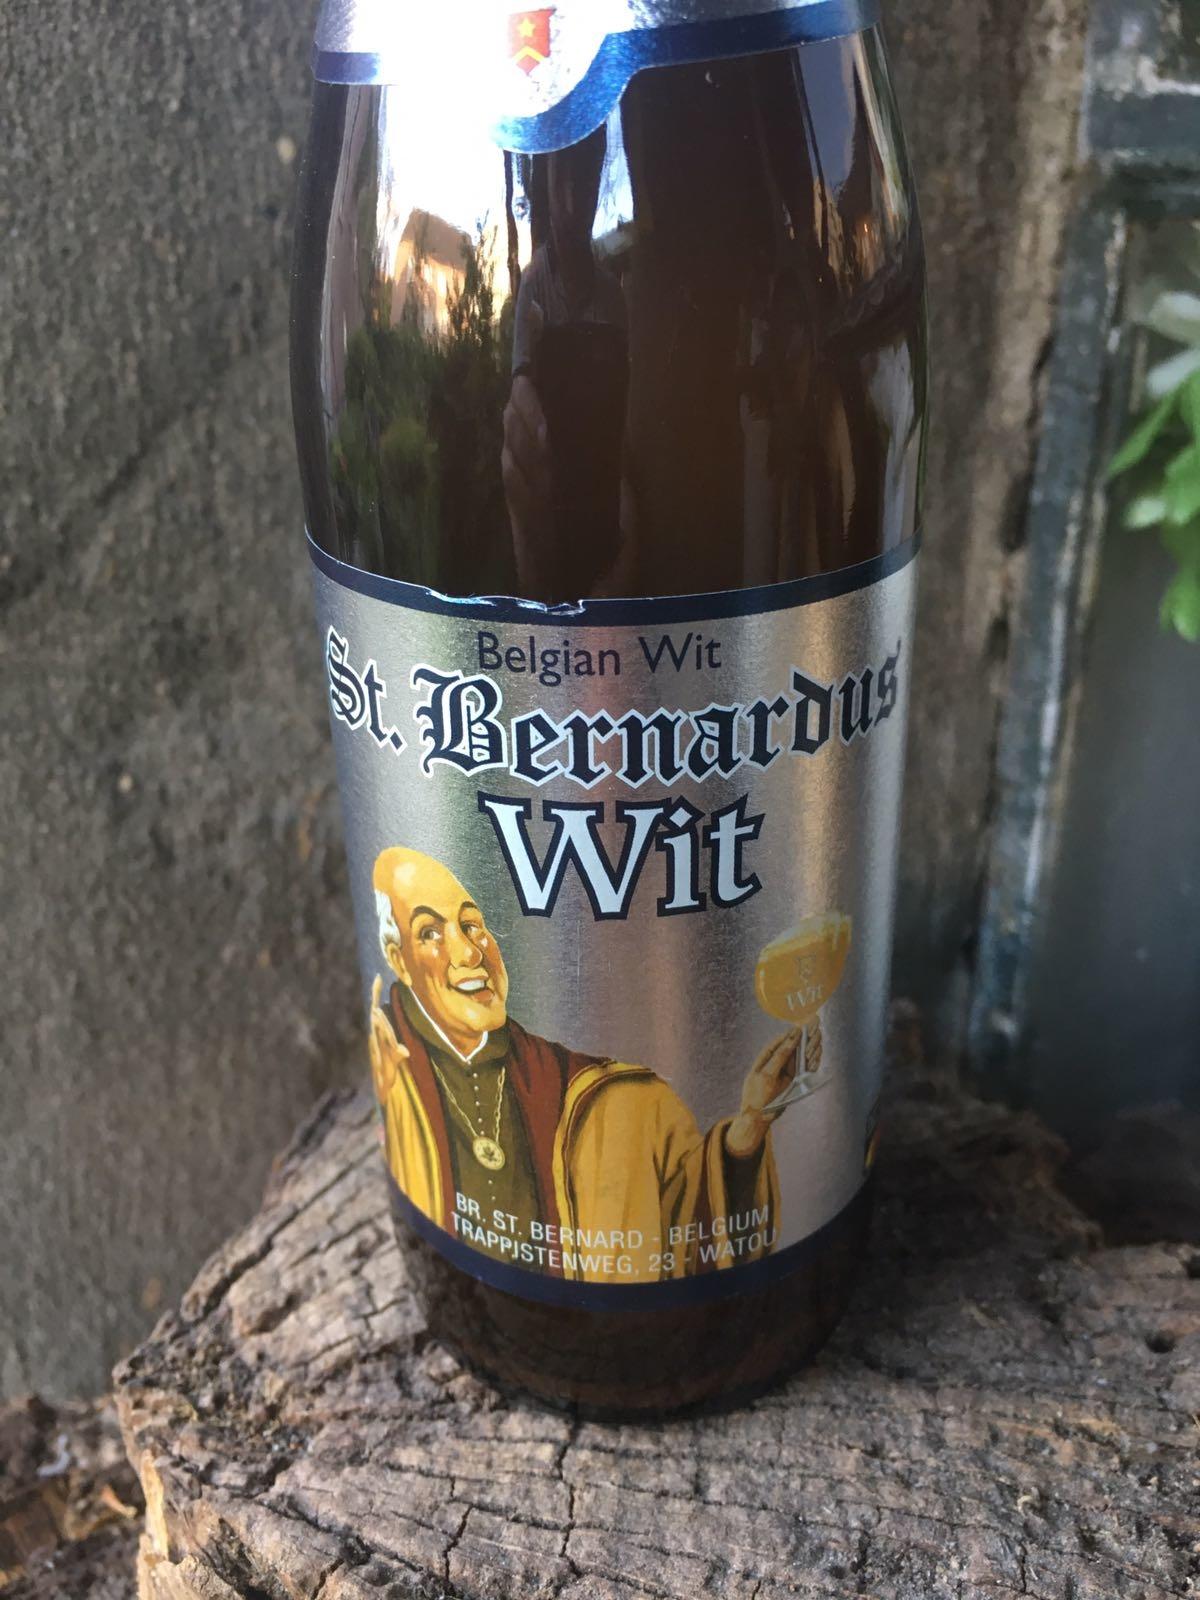 Sint Bernardus Wit 2017 Herkomst: Watou, België Troebel witbier met stevige schuimkraag. In de neus tonen van koriander en citrus. Het bier heeft een filmende bloemige smaak waarin ook de citrus weer terug te vinden is. Een zachte afdronk sluit het smakenpallet af. Als je het bier uitschenkt zie je dat er plakgist achter blijft in de fles. Dit zie je ook terug komen bij het bekende Duvel biertje. Het bevat een alcoholpercentage van: 5,5%. Advies serveertemperatuur: 4 à 5 graden.